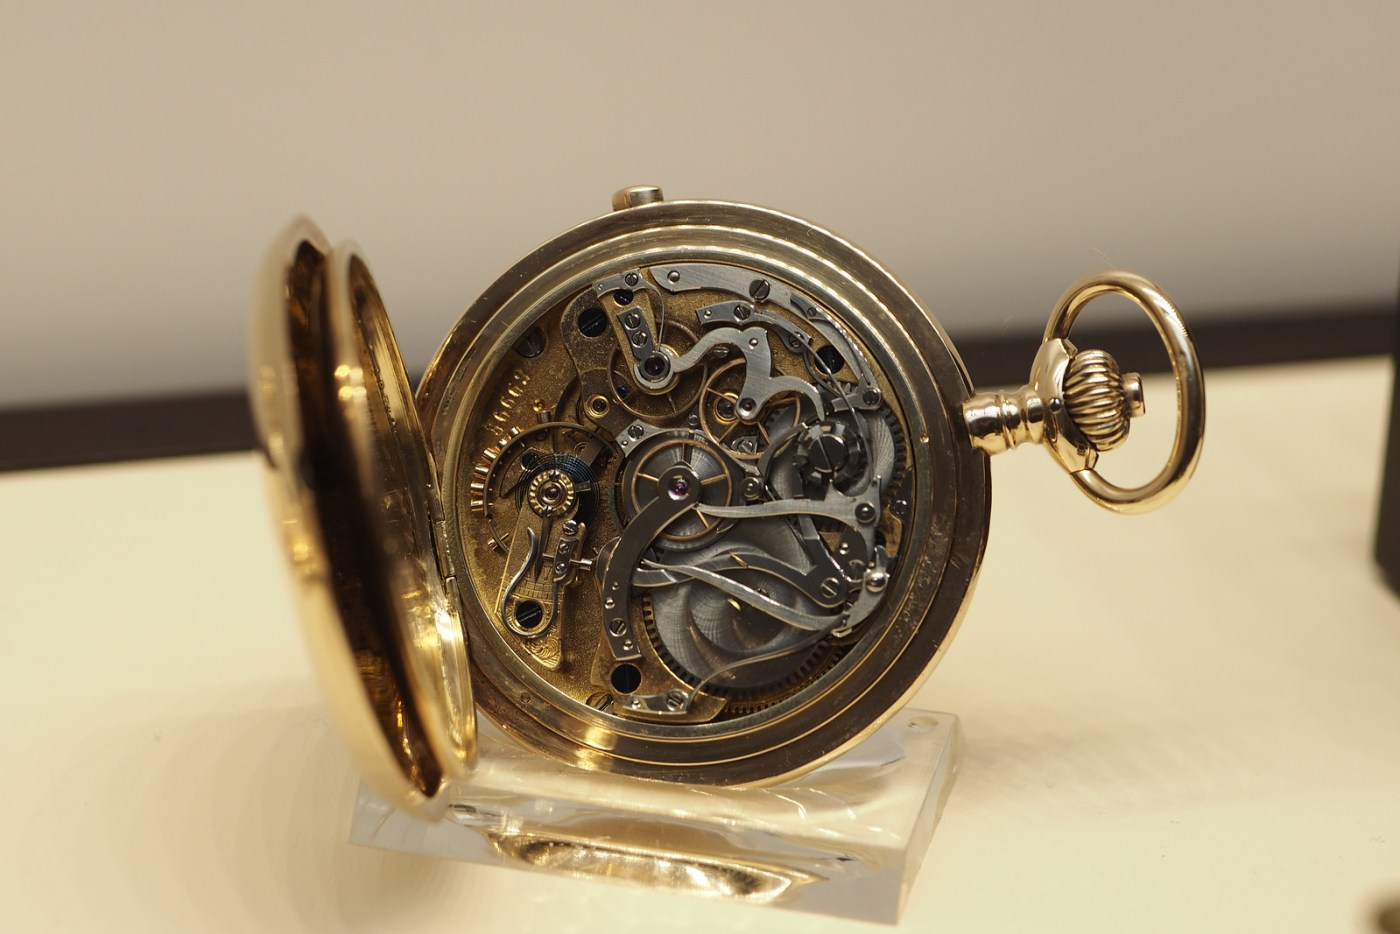 Glashutte Original vintage pocketwatch